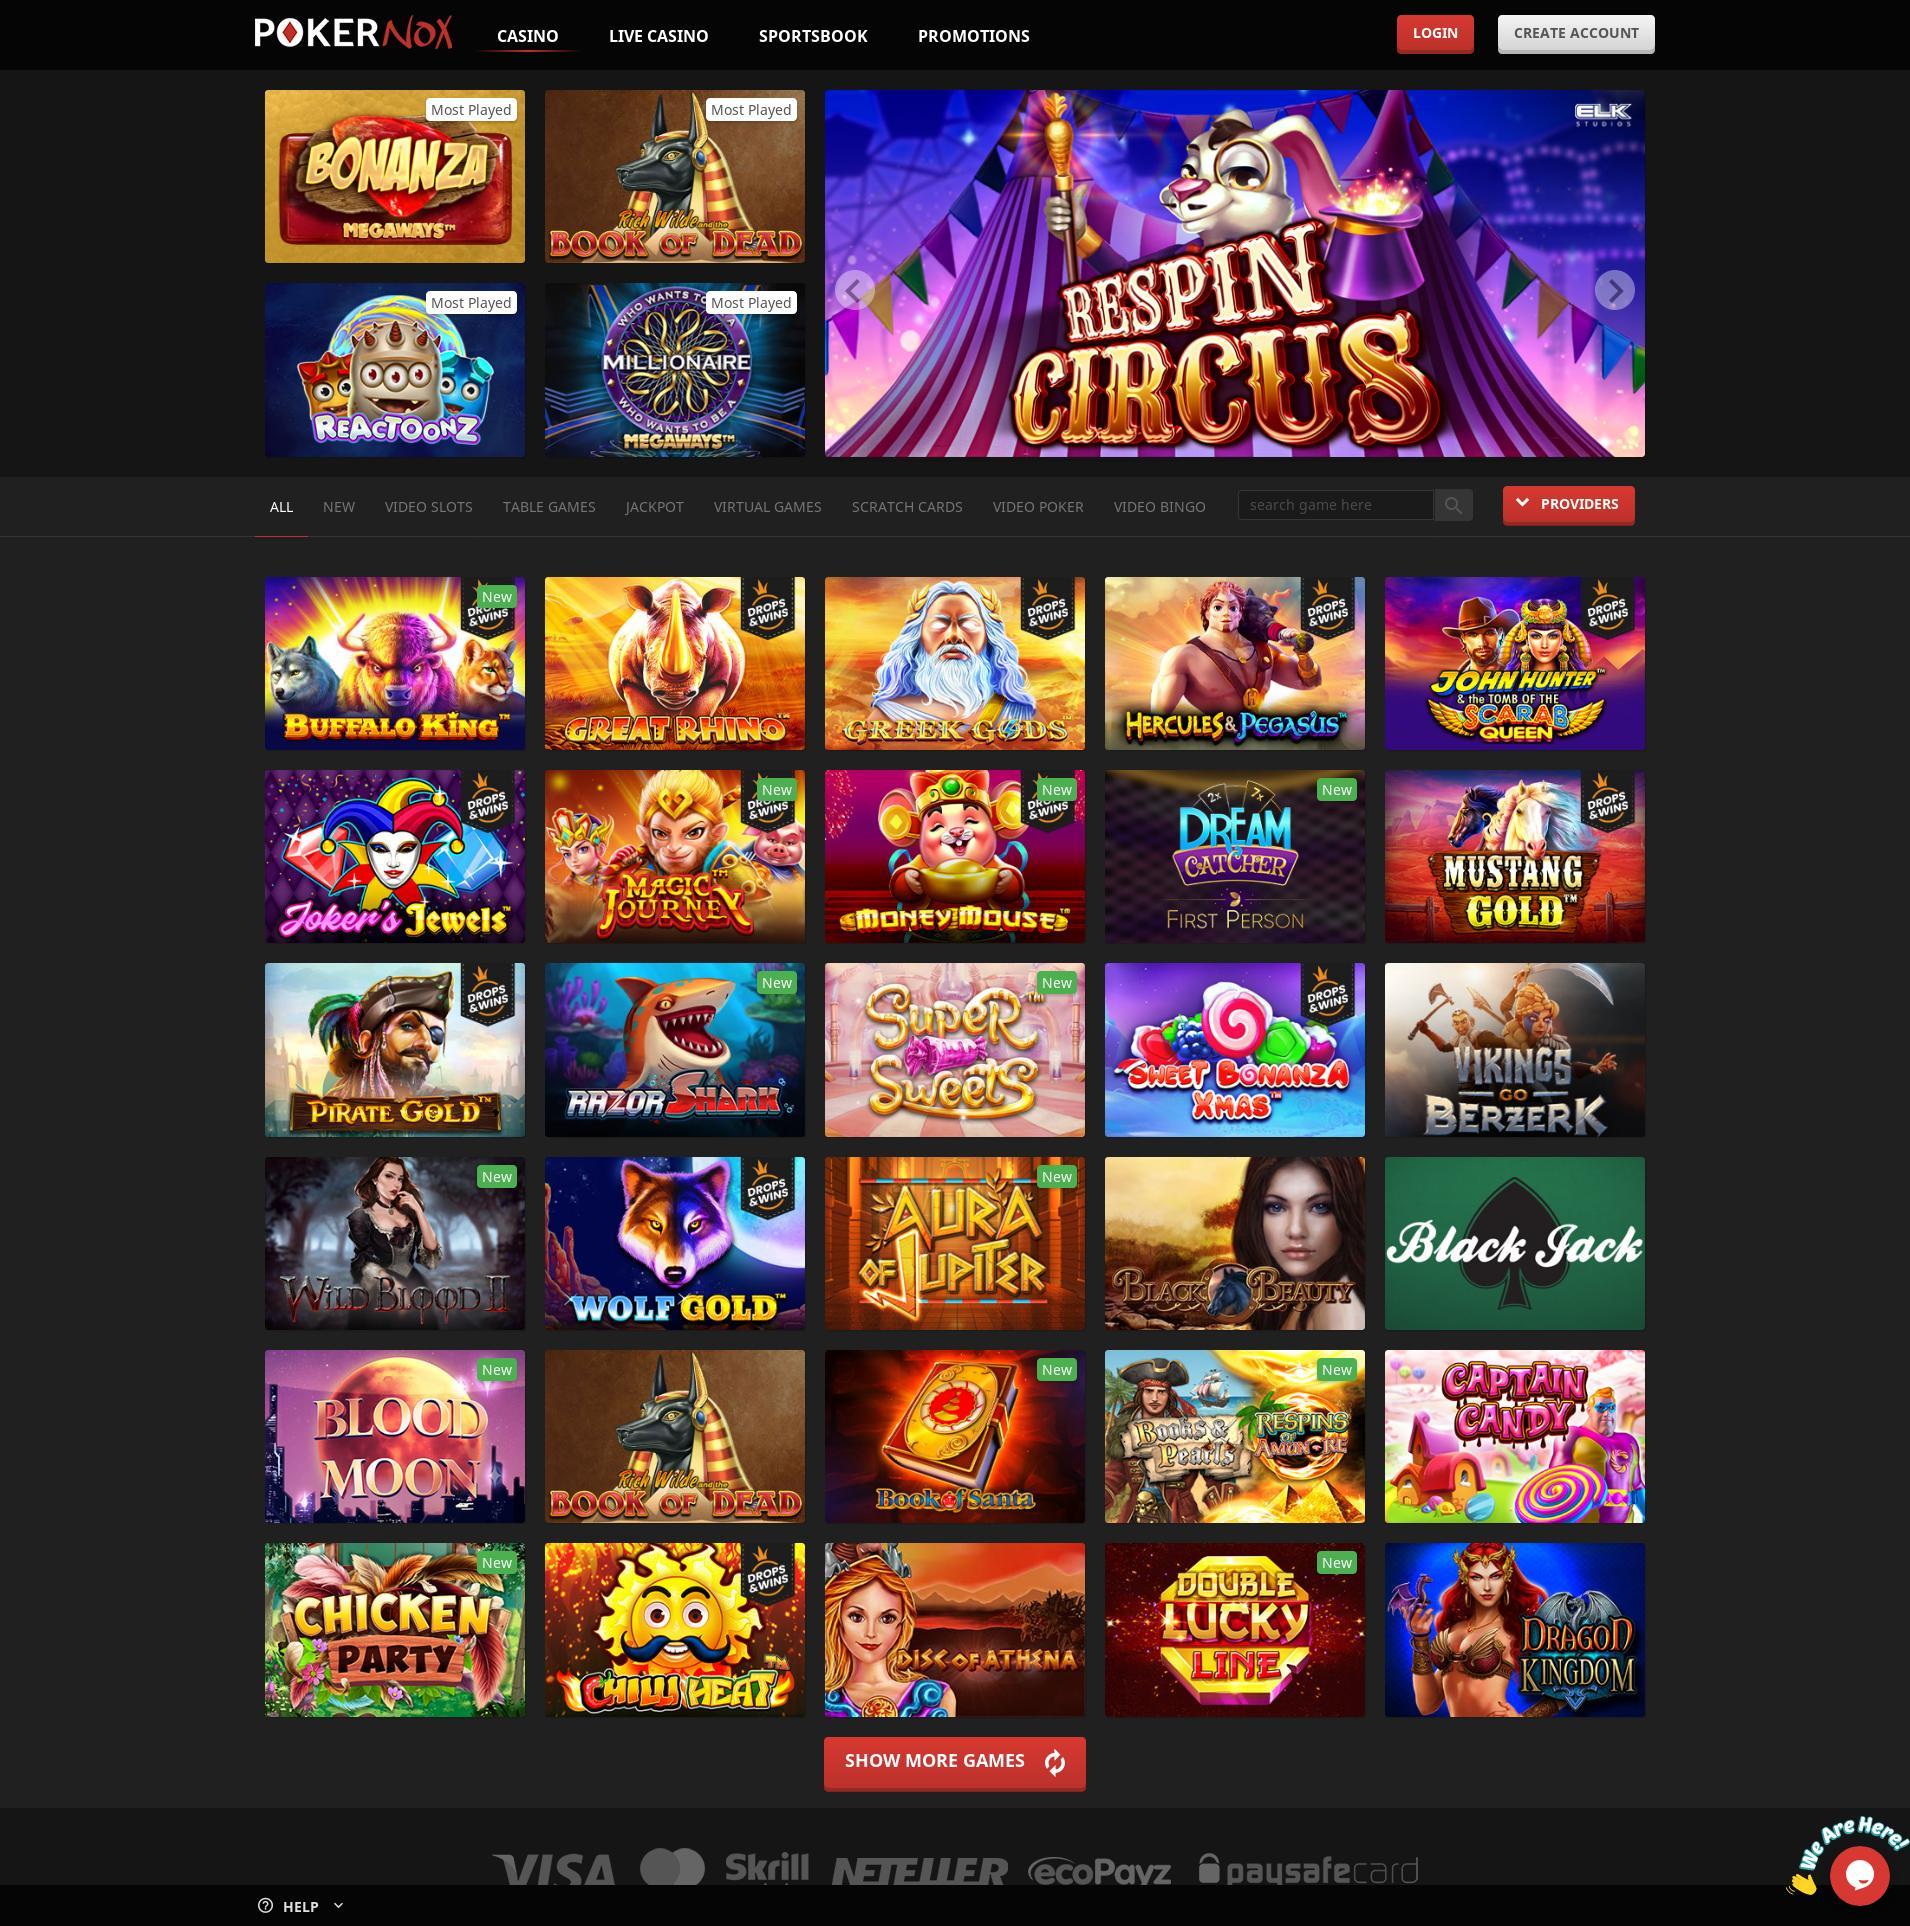 Casino Bildschirm Lobby 2020-01-24 zum Deutschland